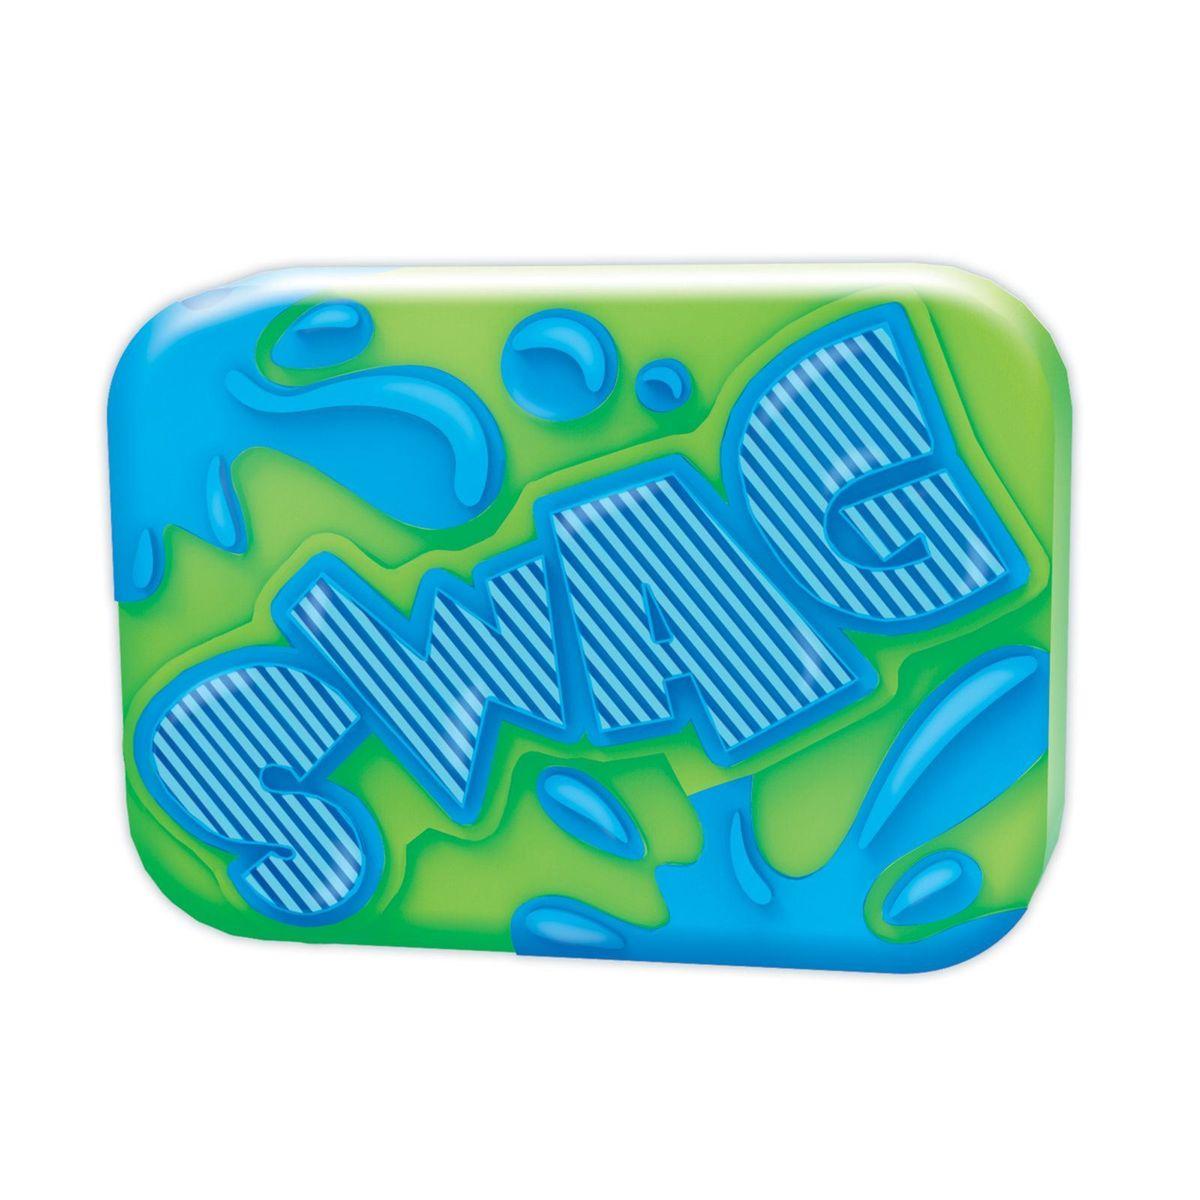 Формочка для мыловарения Сваг. 11853661185366